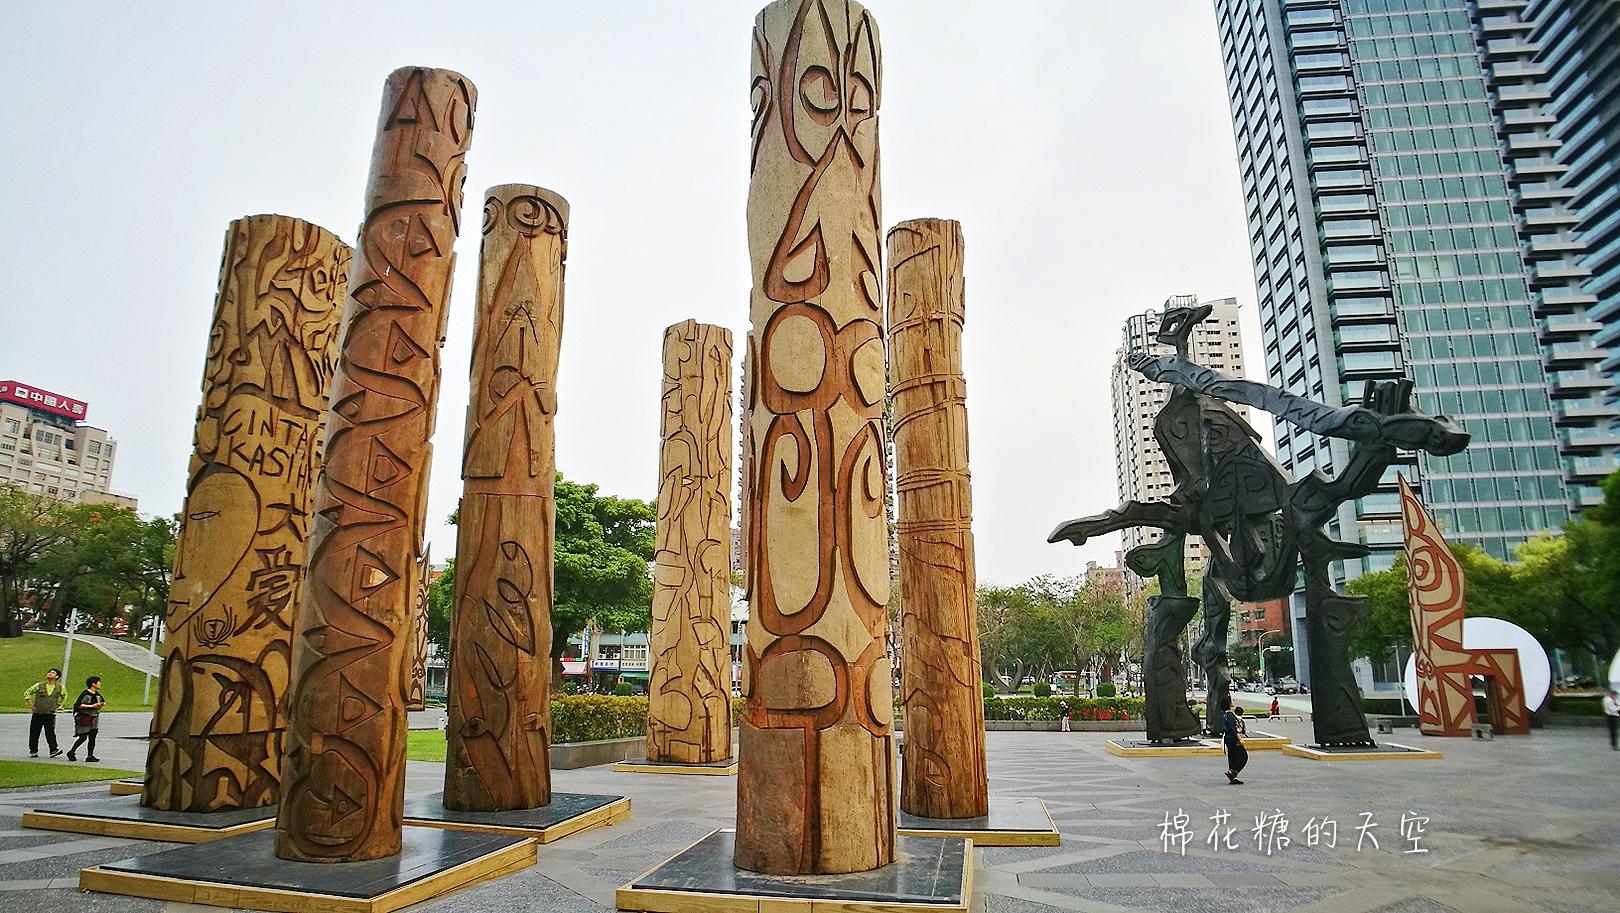 20180319190527 16 - 國立美術館被外星人佔據了?!五層樓高巨型雕塑被巨木圍繞好像電影場景!吳炫三回顧展